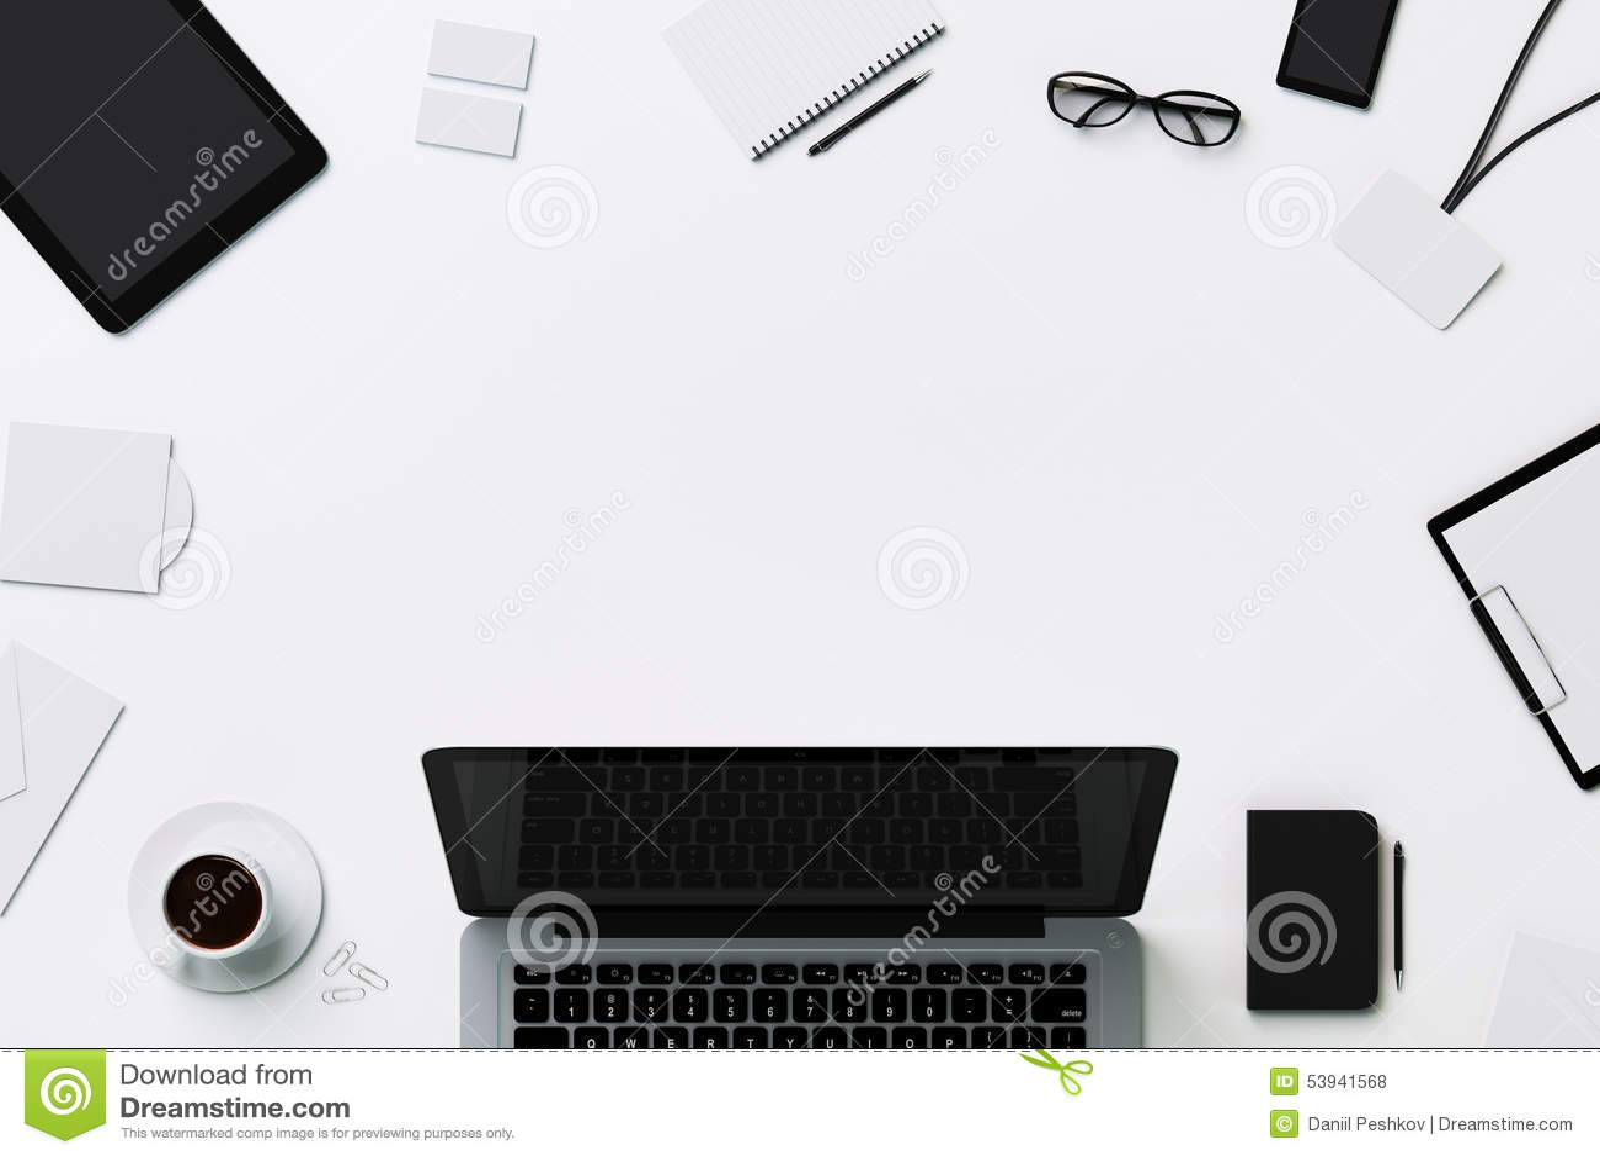 Белый шаблон для клеймя идентичности с copyspace